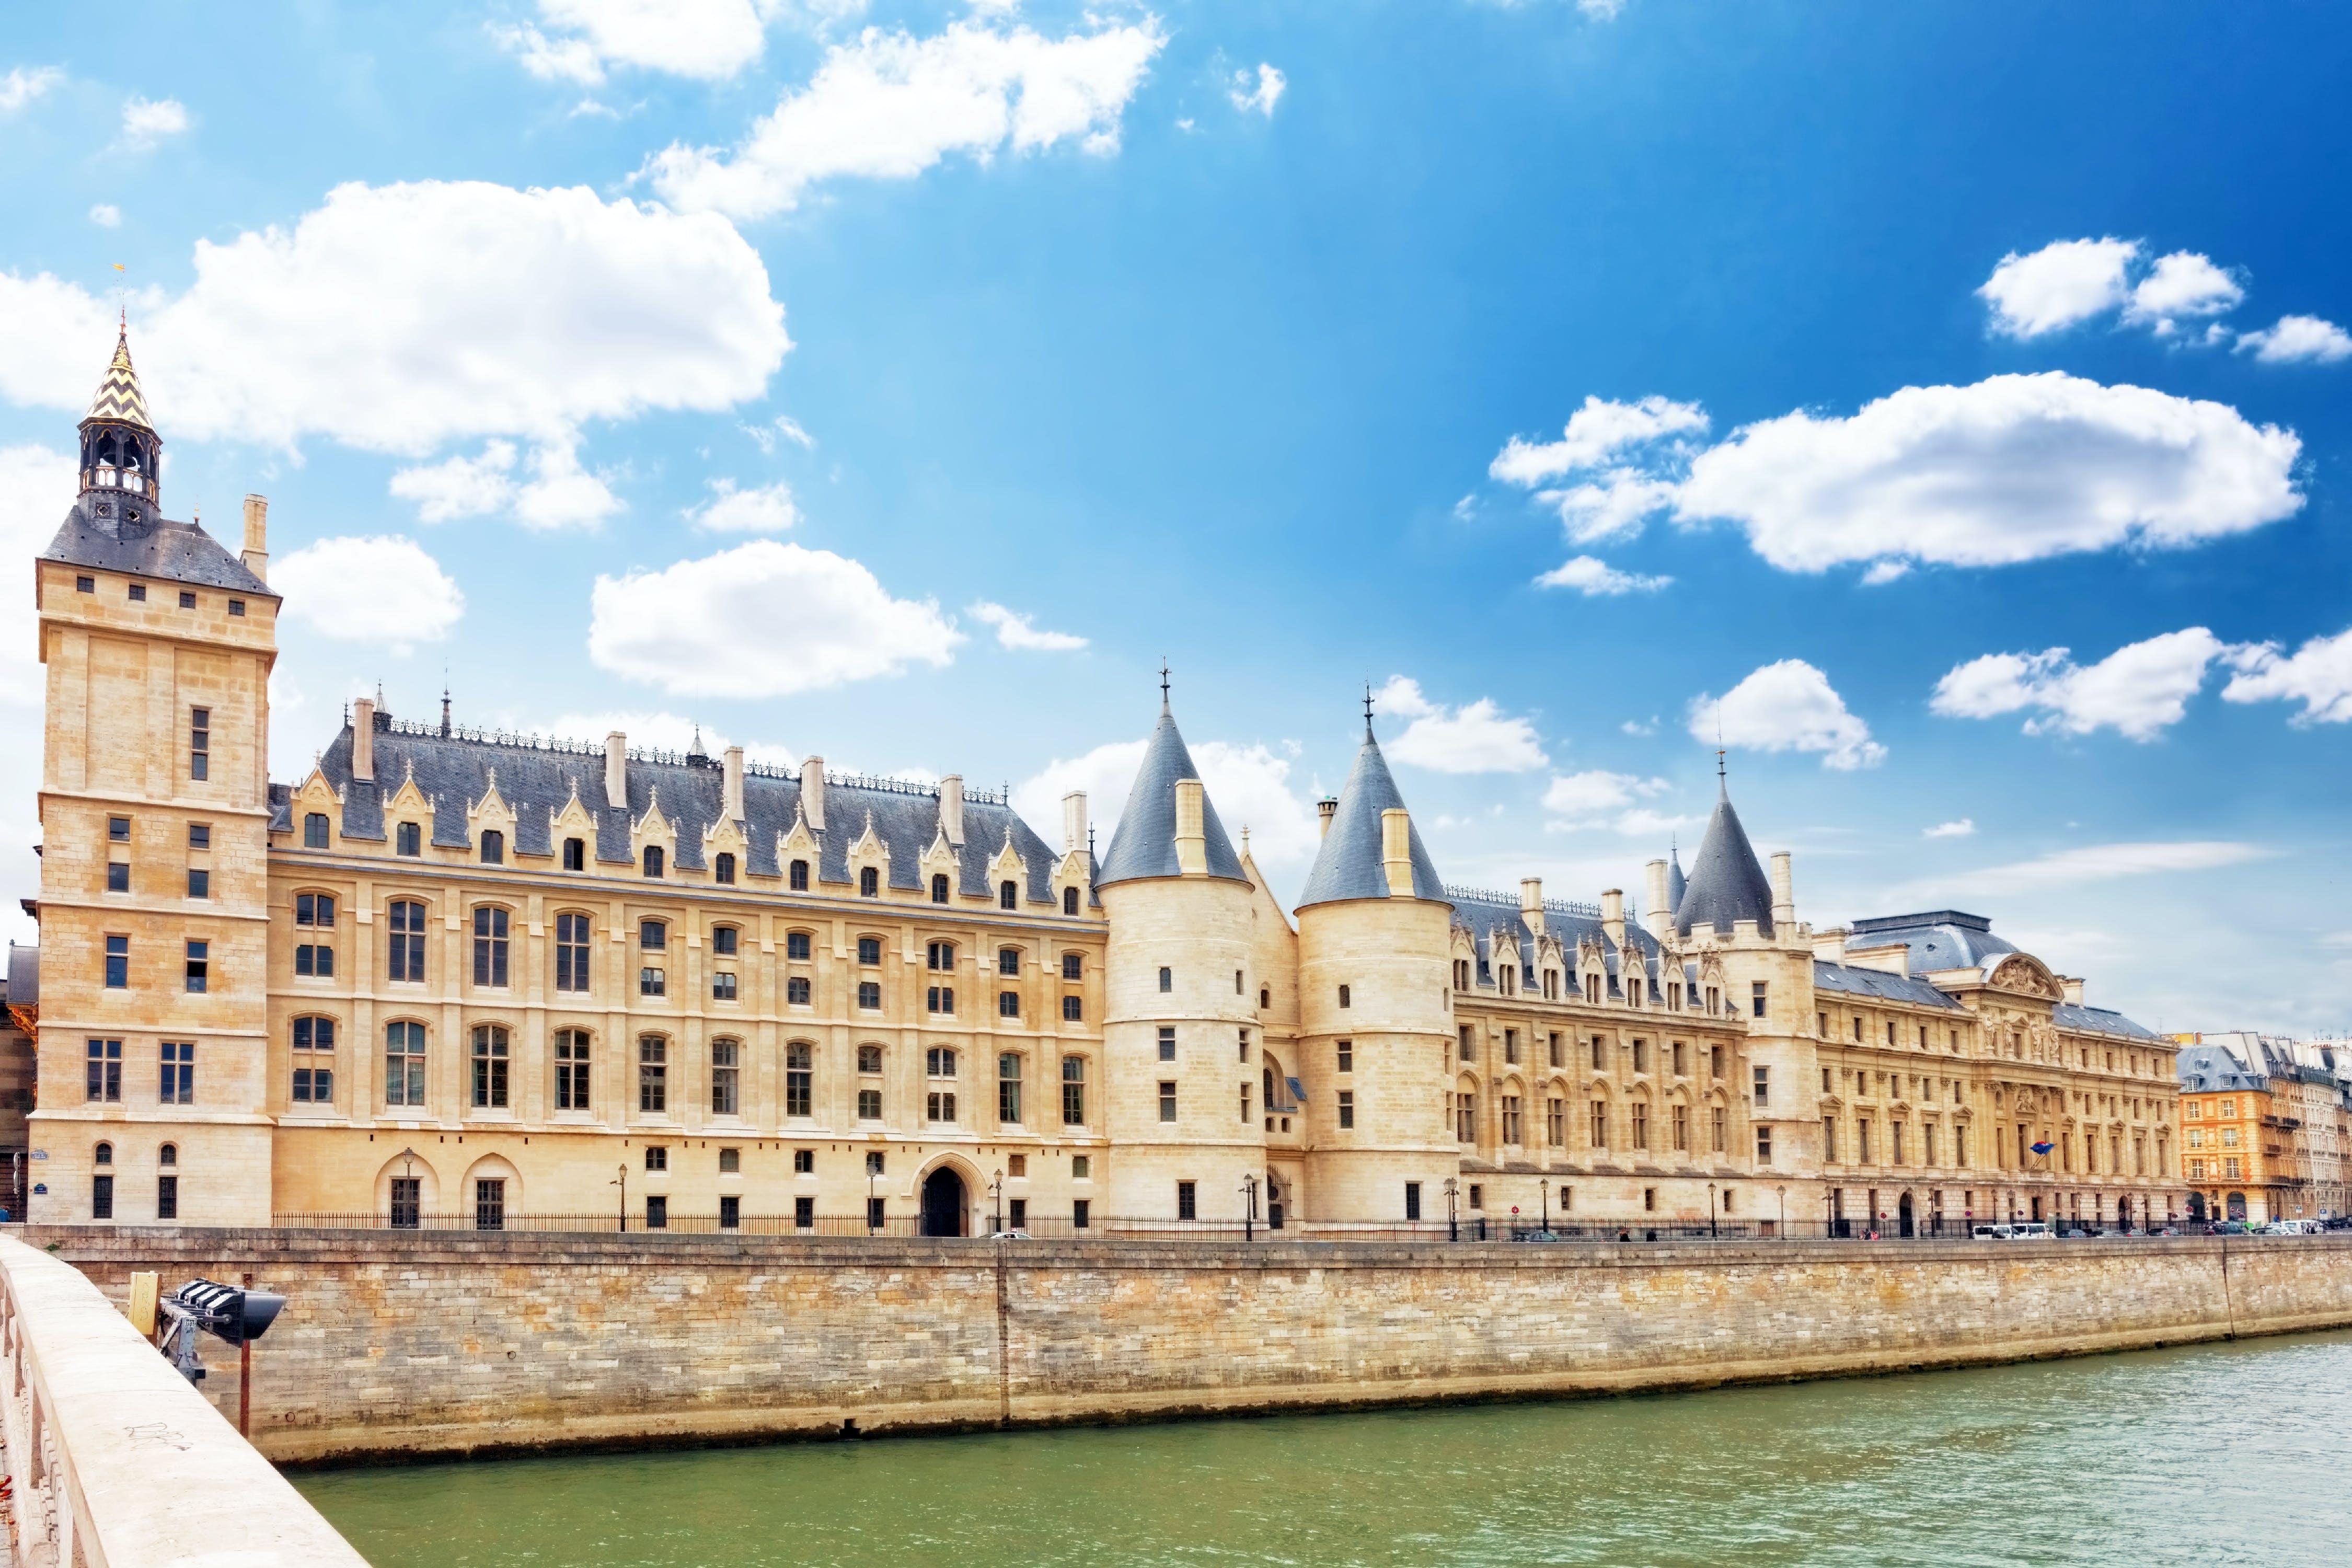 Ingresso da Conciergerie e Sainte Chapelle sem filas, Paris